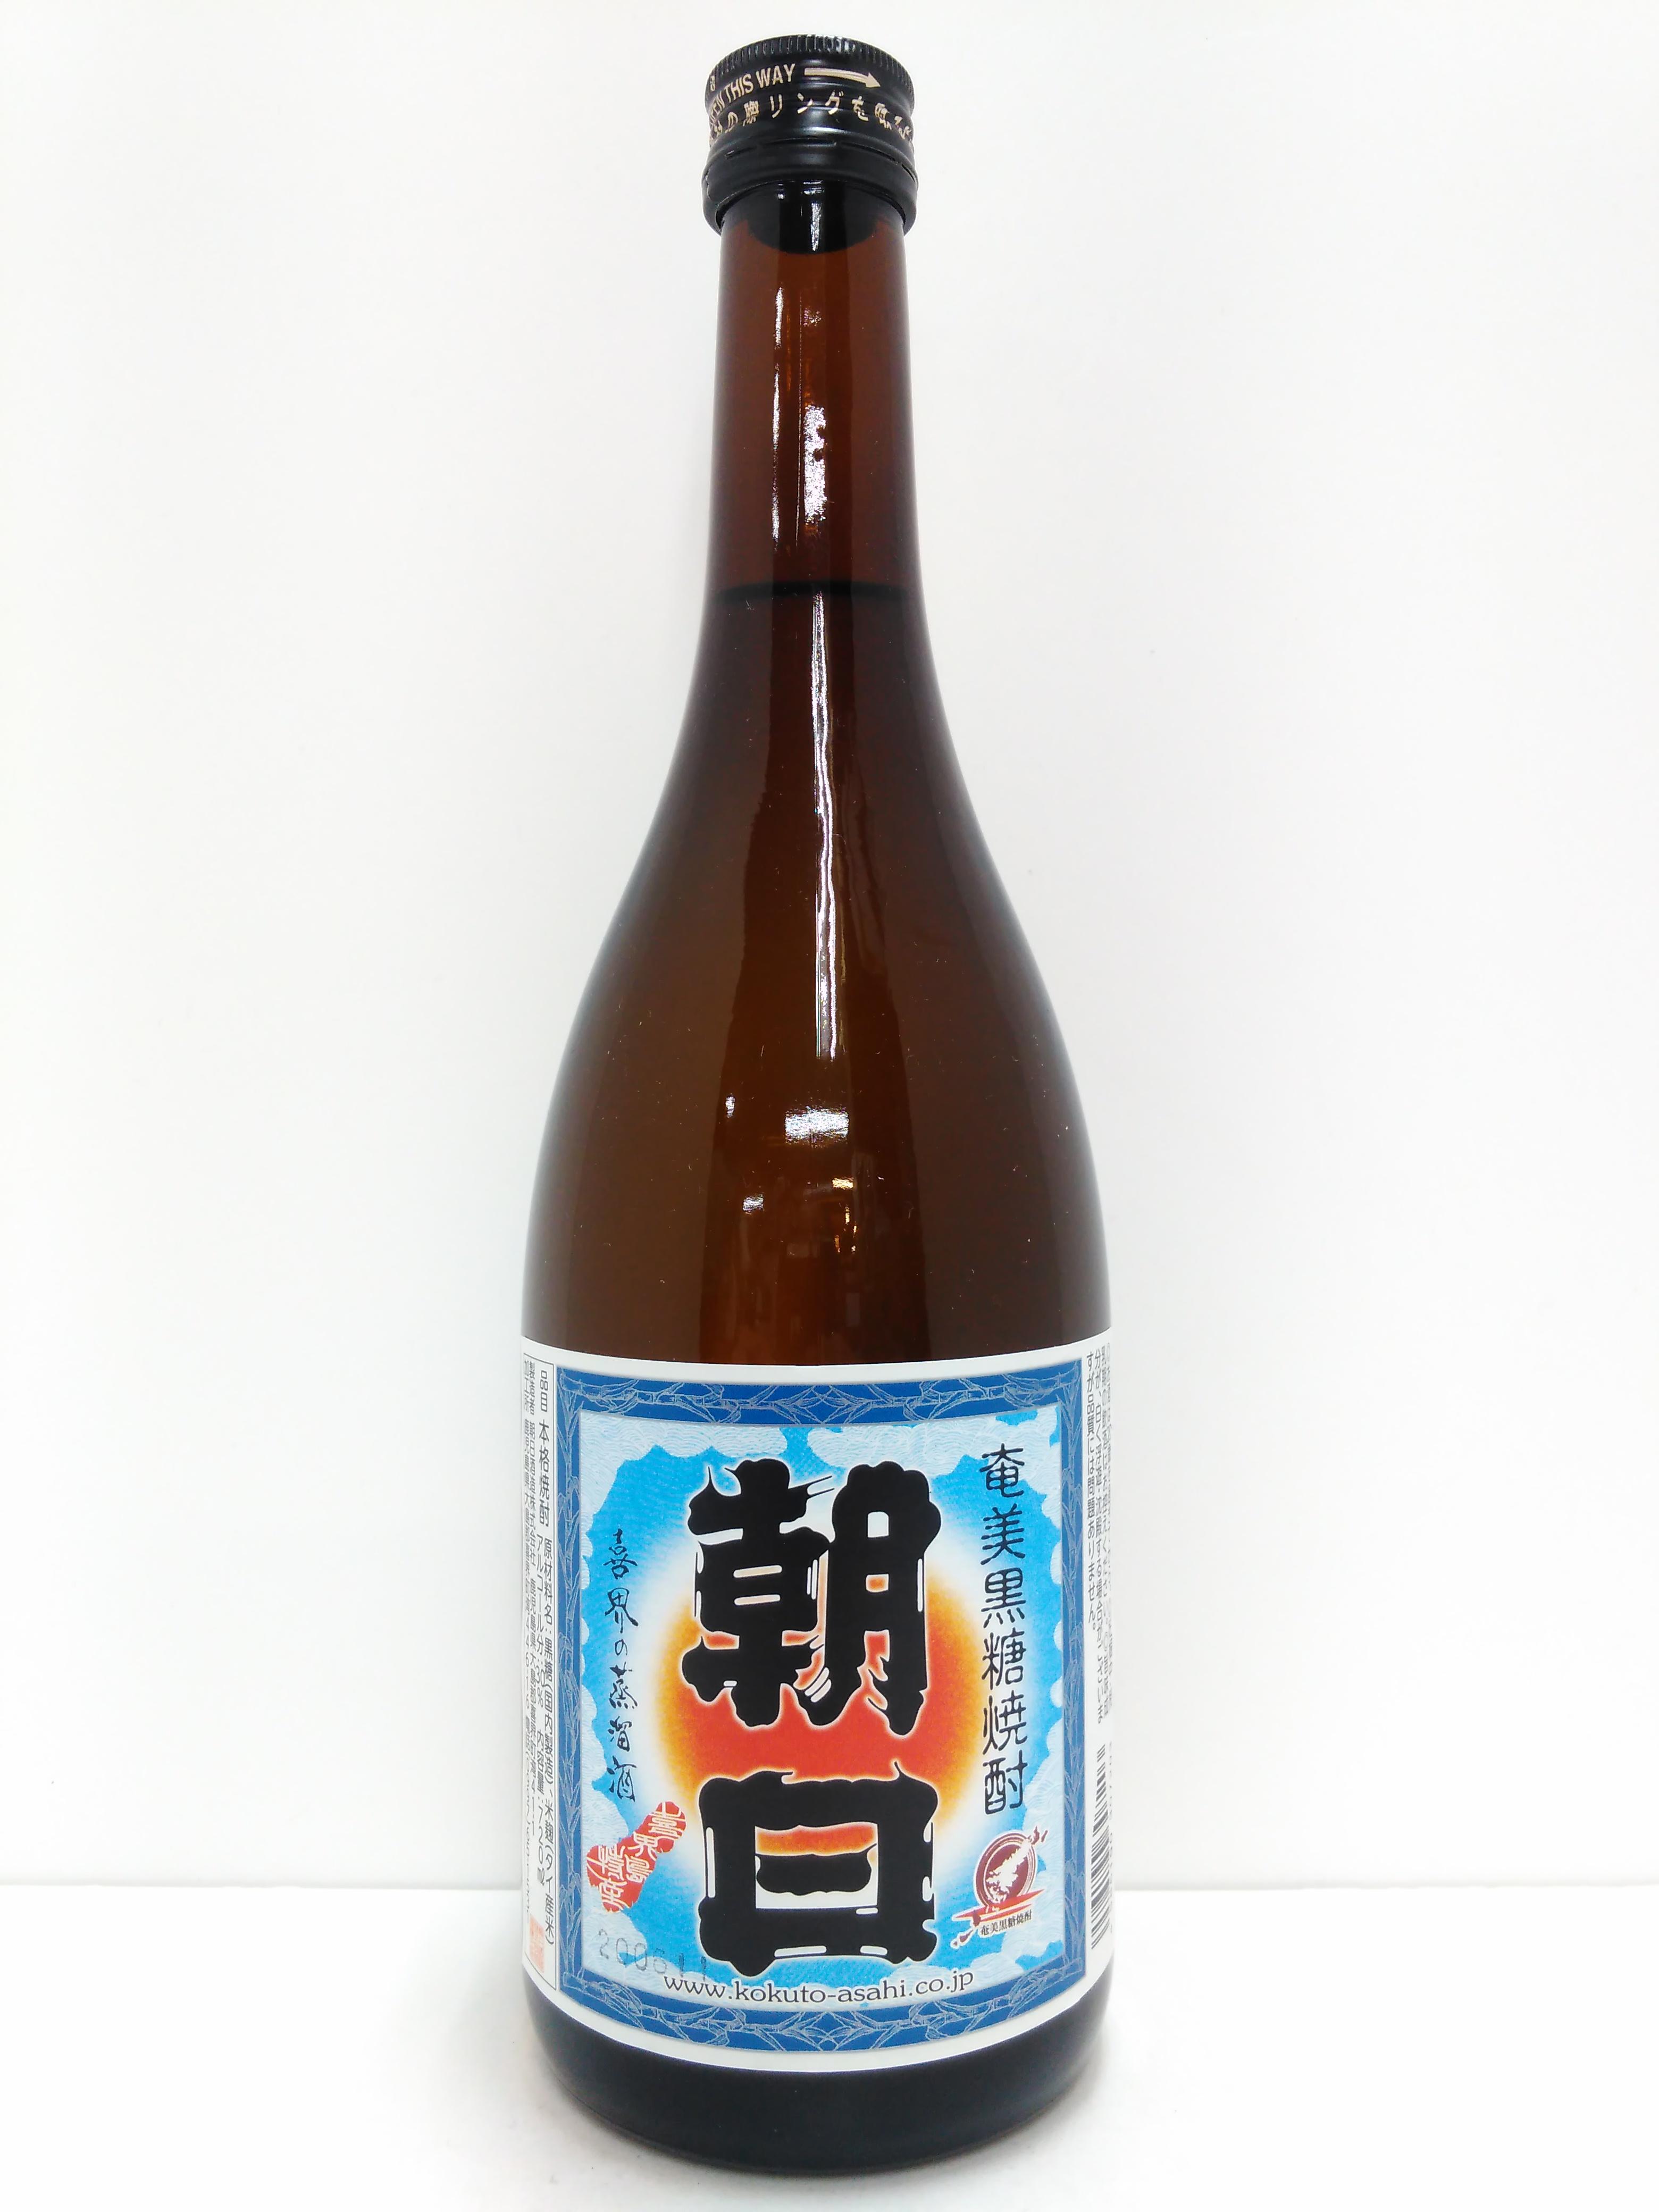 朝日 黒糖焼酎 30度 720ml